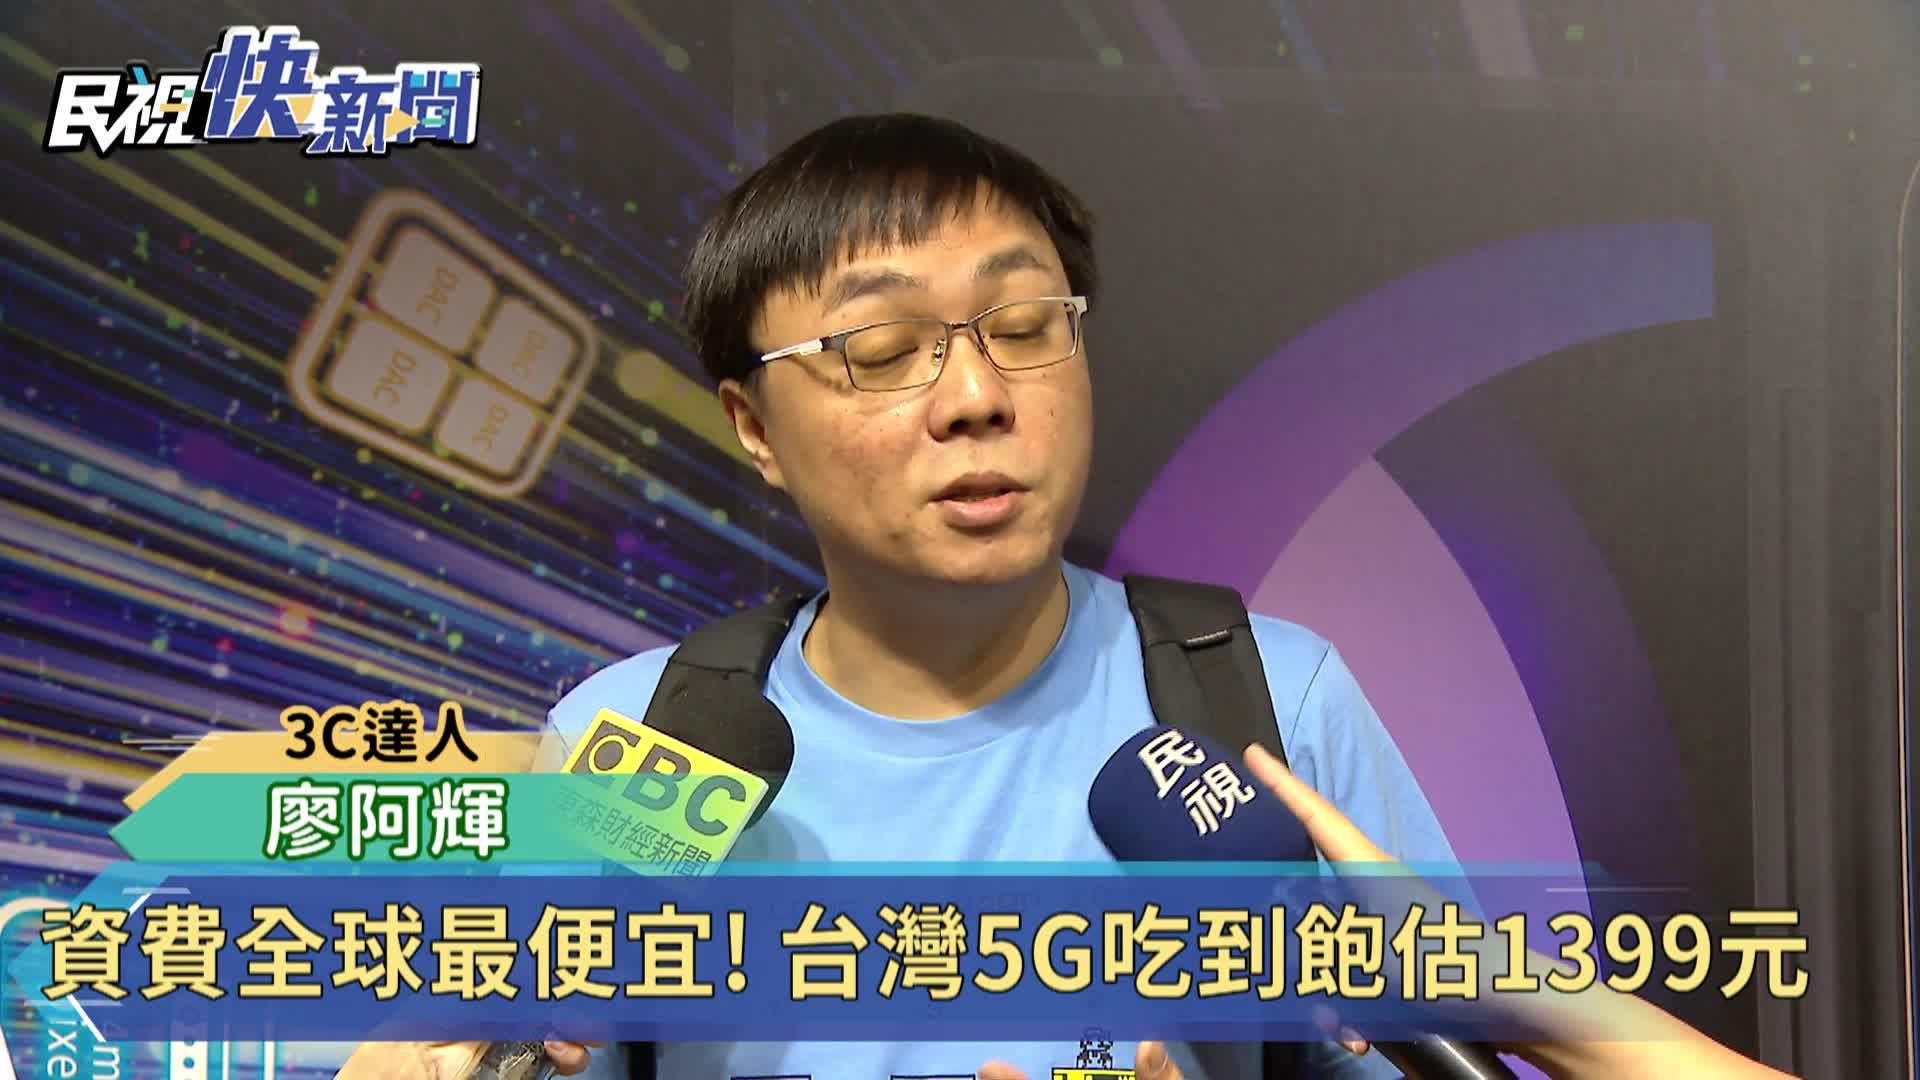 台灣5G資費估1399元 可望成全球最便宜